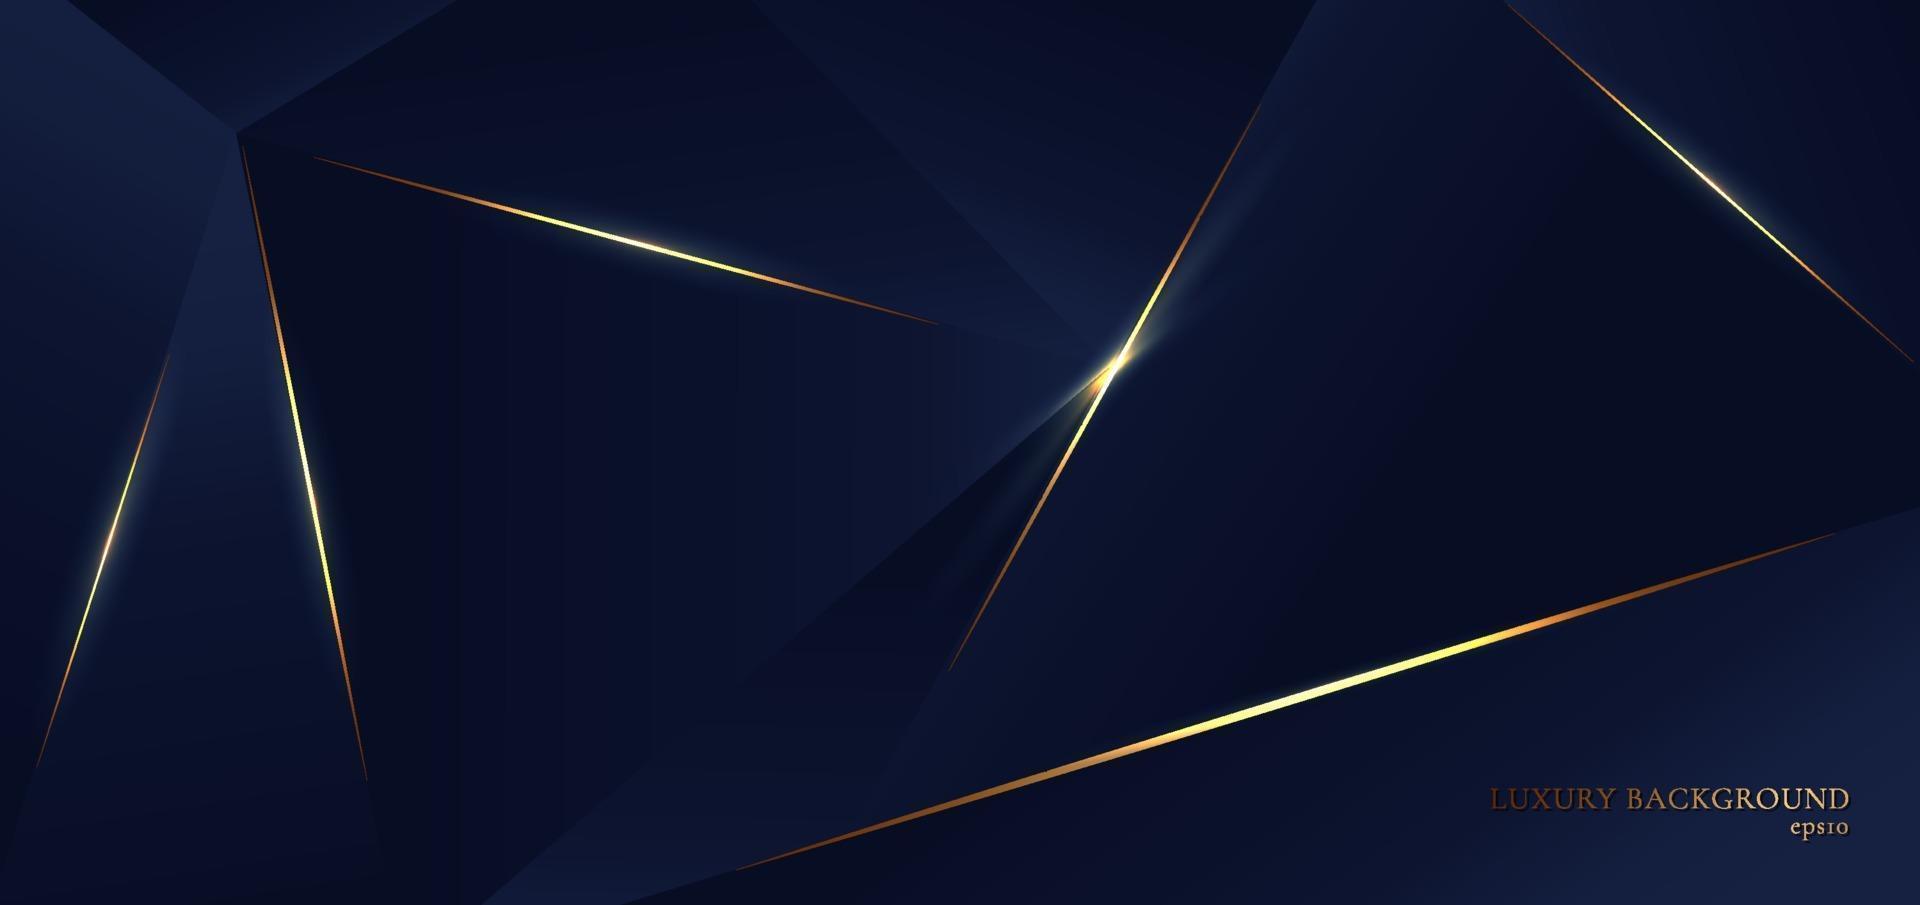 abstrakte blaue Polygondreieckformen. Musterhintergrund mit goldener Linie und Lichteffekt, Luxusart. vektor